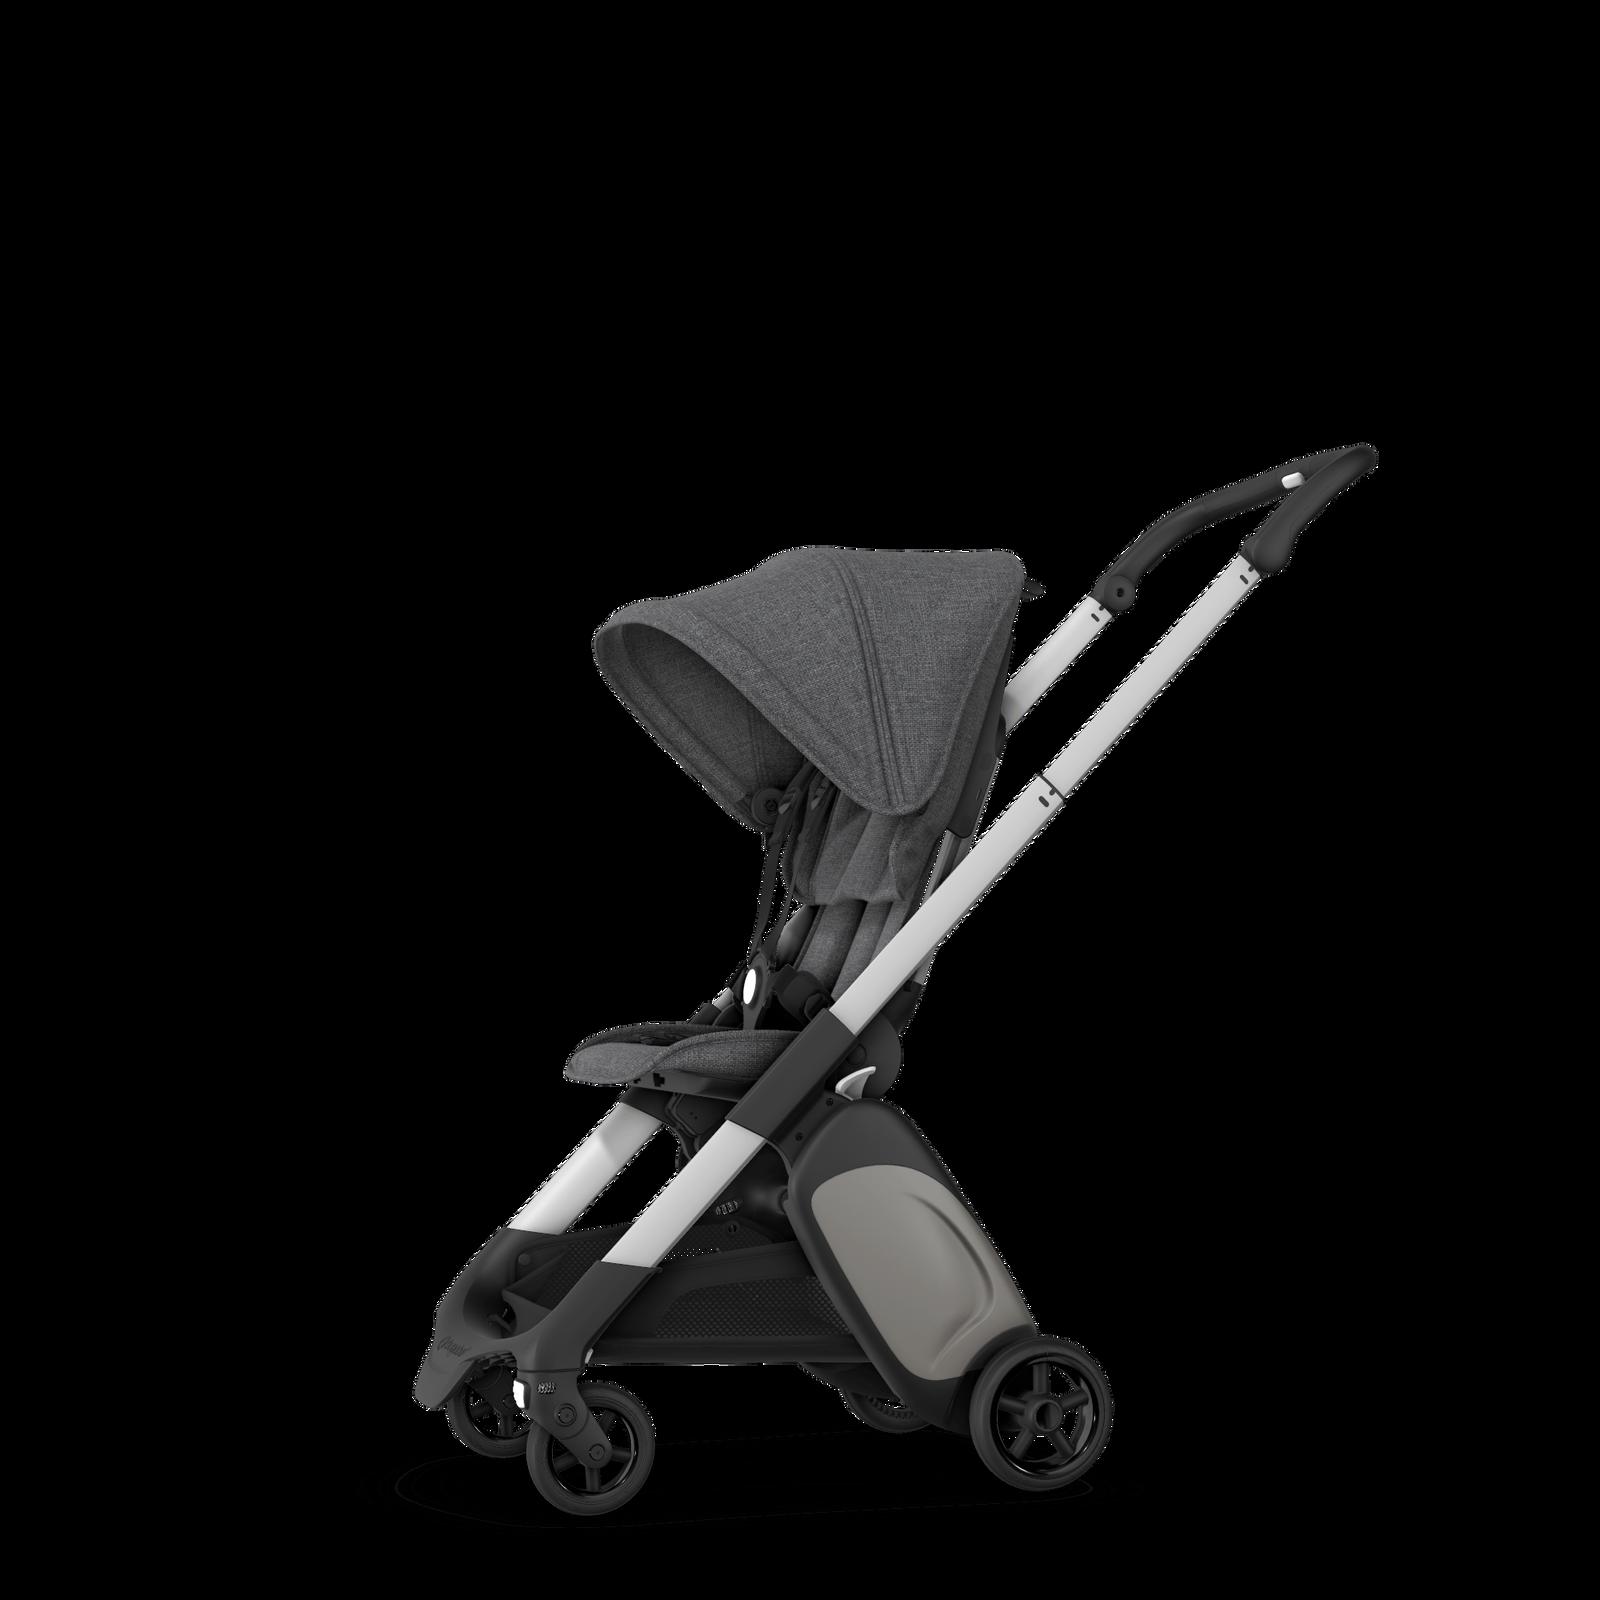 Bugaboo Ant Travel stroller